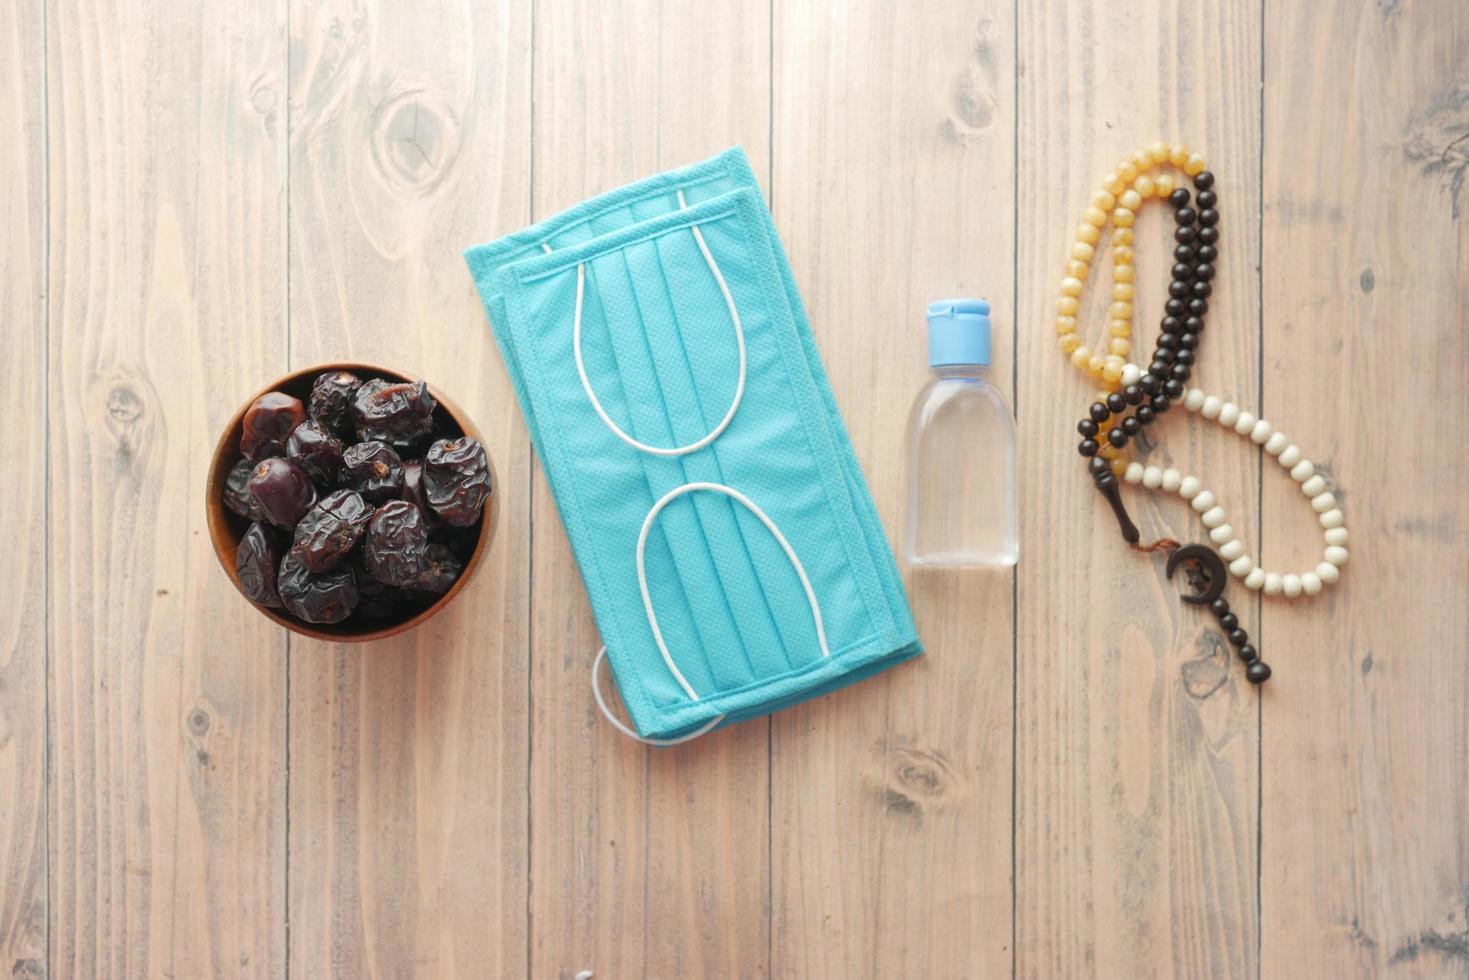 fruta fresca de dátil en un tazón, rosario de oración, desinfectante de manos y mascarilla en el piso foto